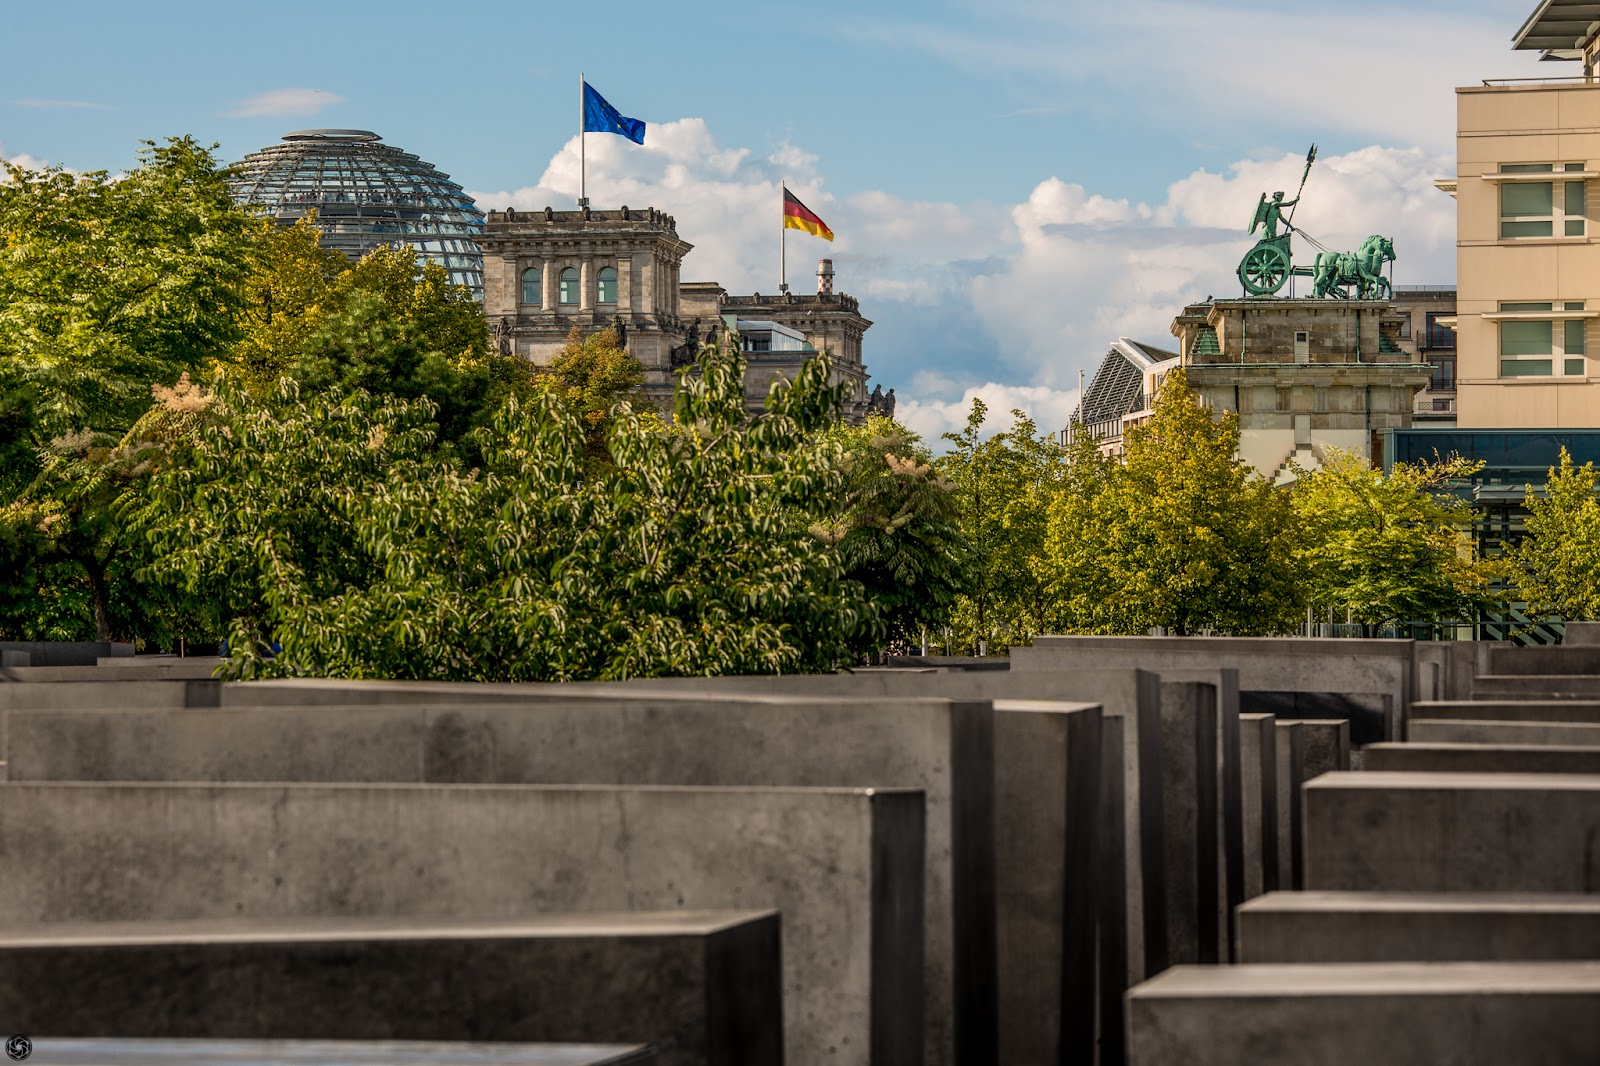 Monumento en memoria del holocausto judío en Berlín :: Canon EOS5D MkIII | ISO100 | Canon70-200 @121mm | f/8.0 | 1/160s